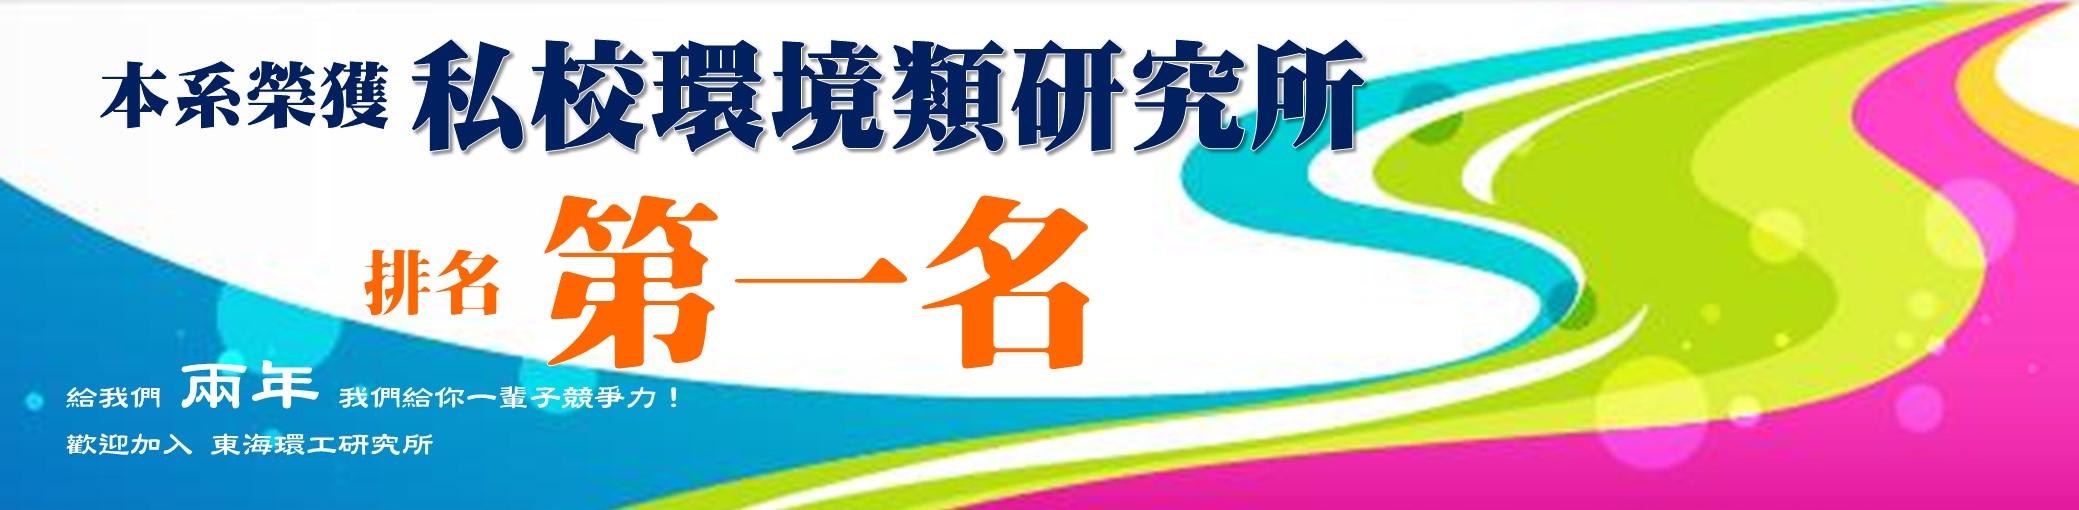 賀本系榮獲私校環境類研究所排名第一名